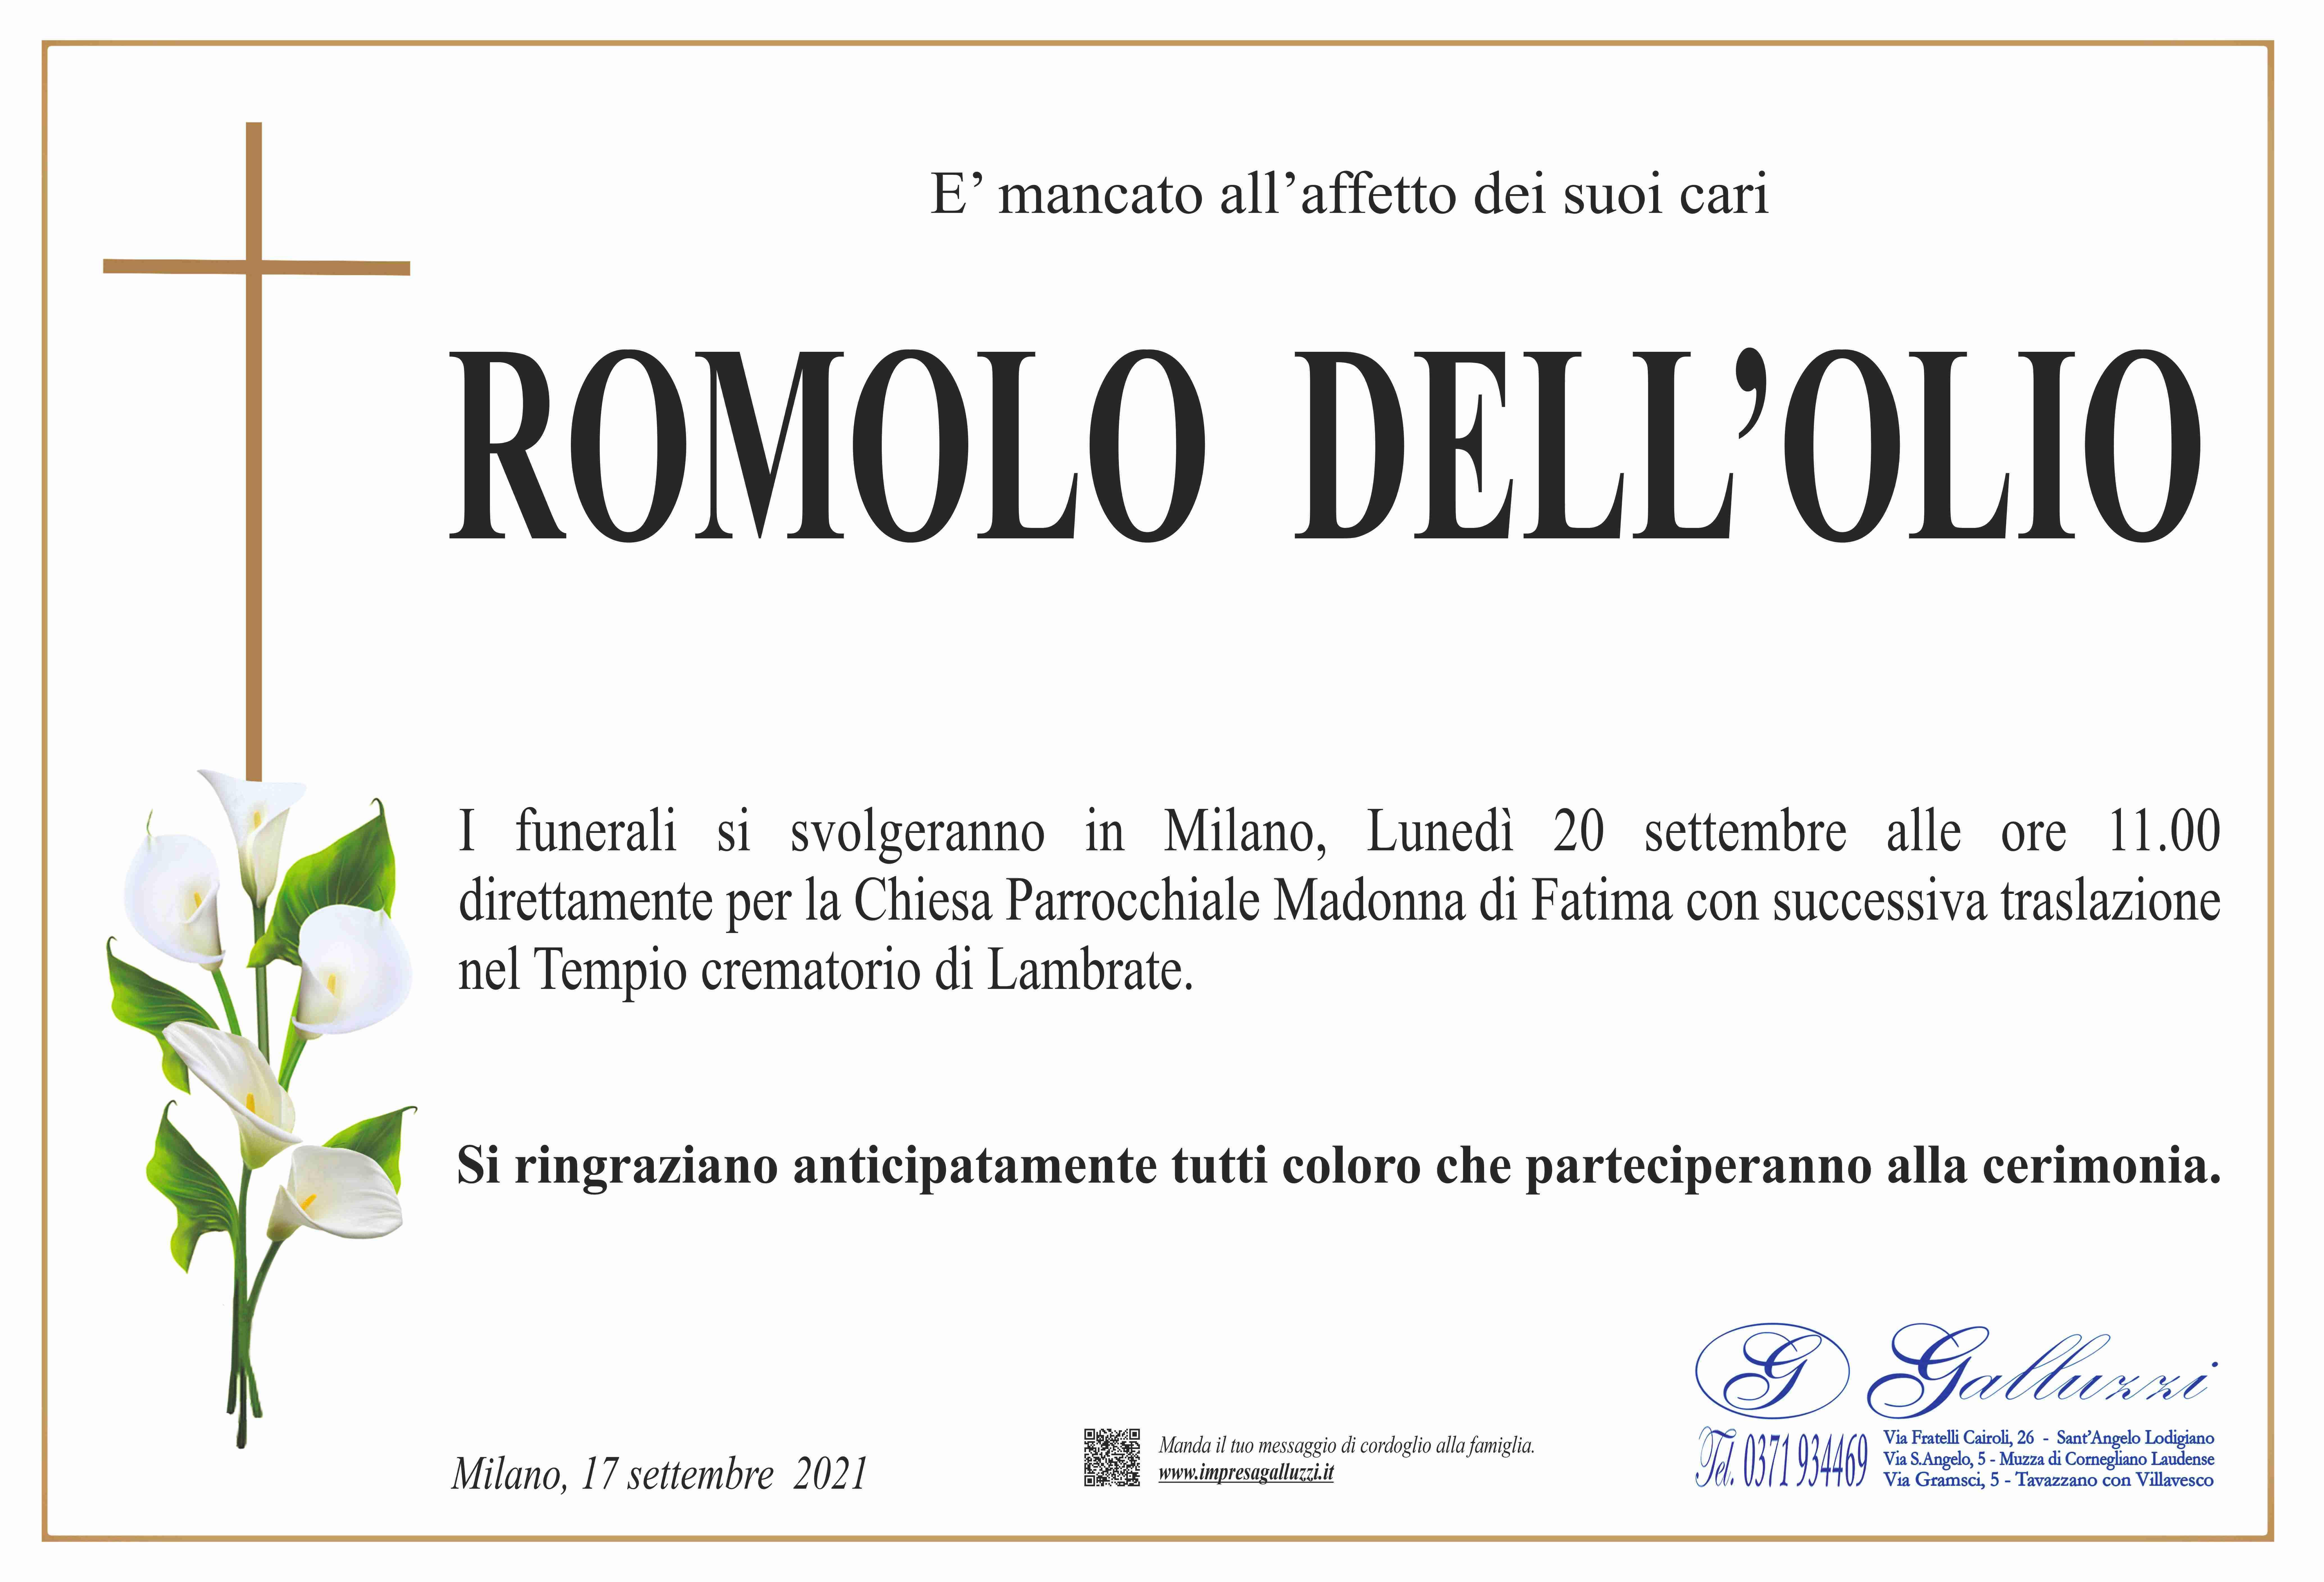 Romolo Dell'Olio